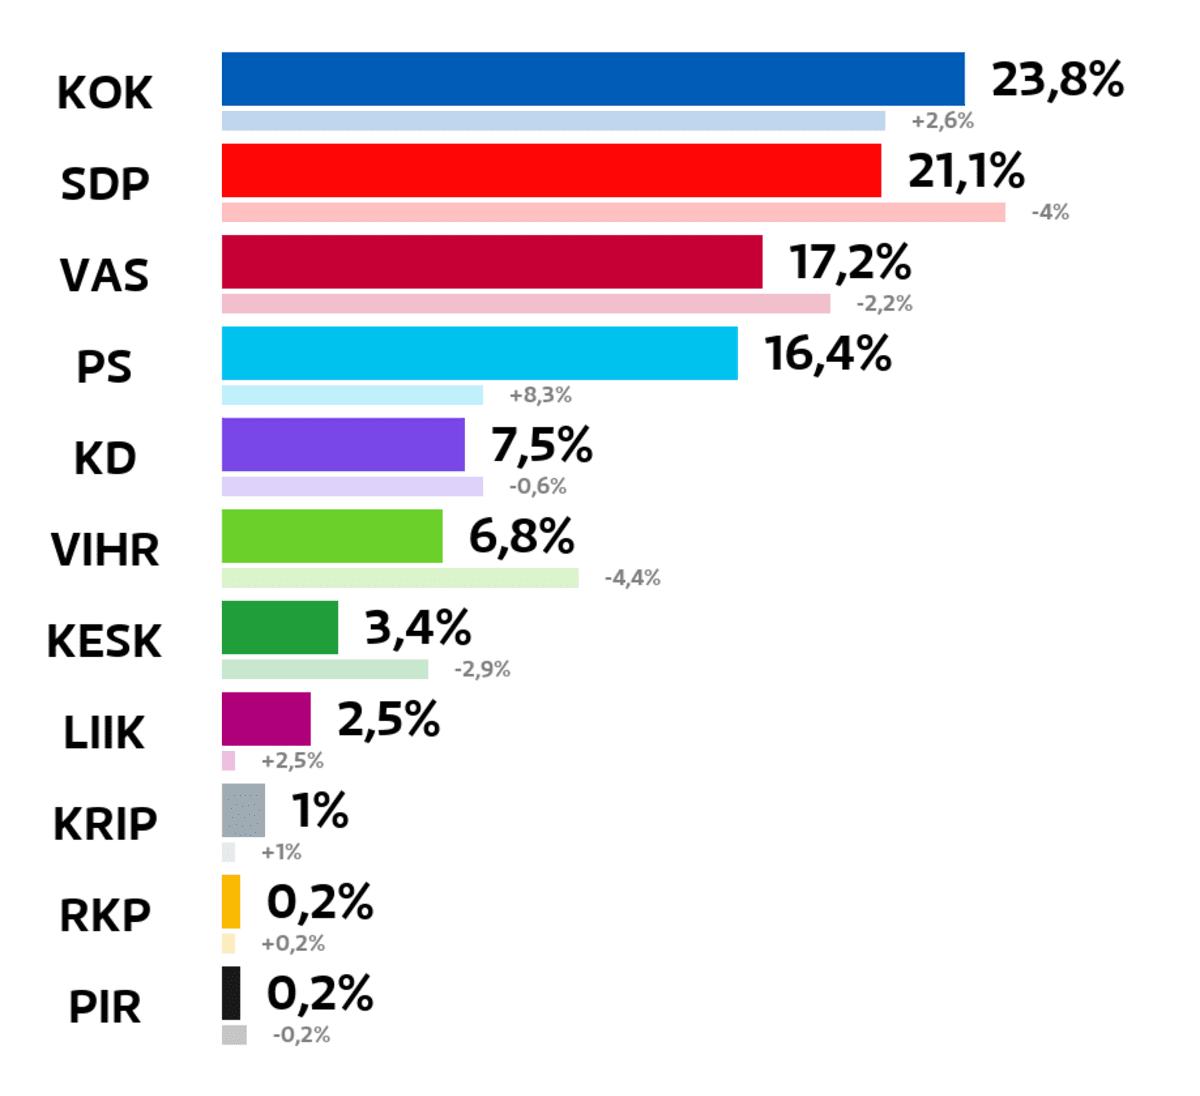 Riihimäki: Kuntavaalien tulos (%) Kokoomus: 23,8 prosenttia SDP: 21,1 prosenttia Vasemmistoliitto: 17,2 prosenttia Perussuomalaiset: 16,4 prosenttia Kristillisdemokraatit: 7,5 prosenttia Vihreät: 6,8 prosenttia Keskusta: 3,4 prosenttia Liike Nyt: 2,5 prosenttia Kristallipuolue: 1 prosenttia RKP: 0,2 prosenttia Piraattipuolue: 0,2 prosenttia